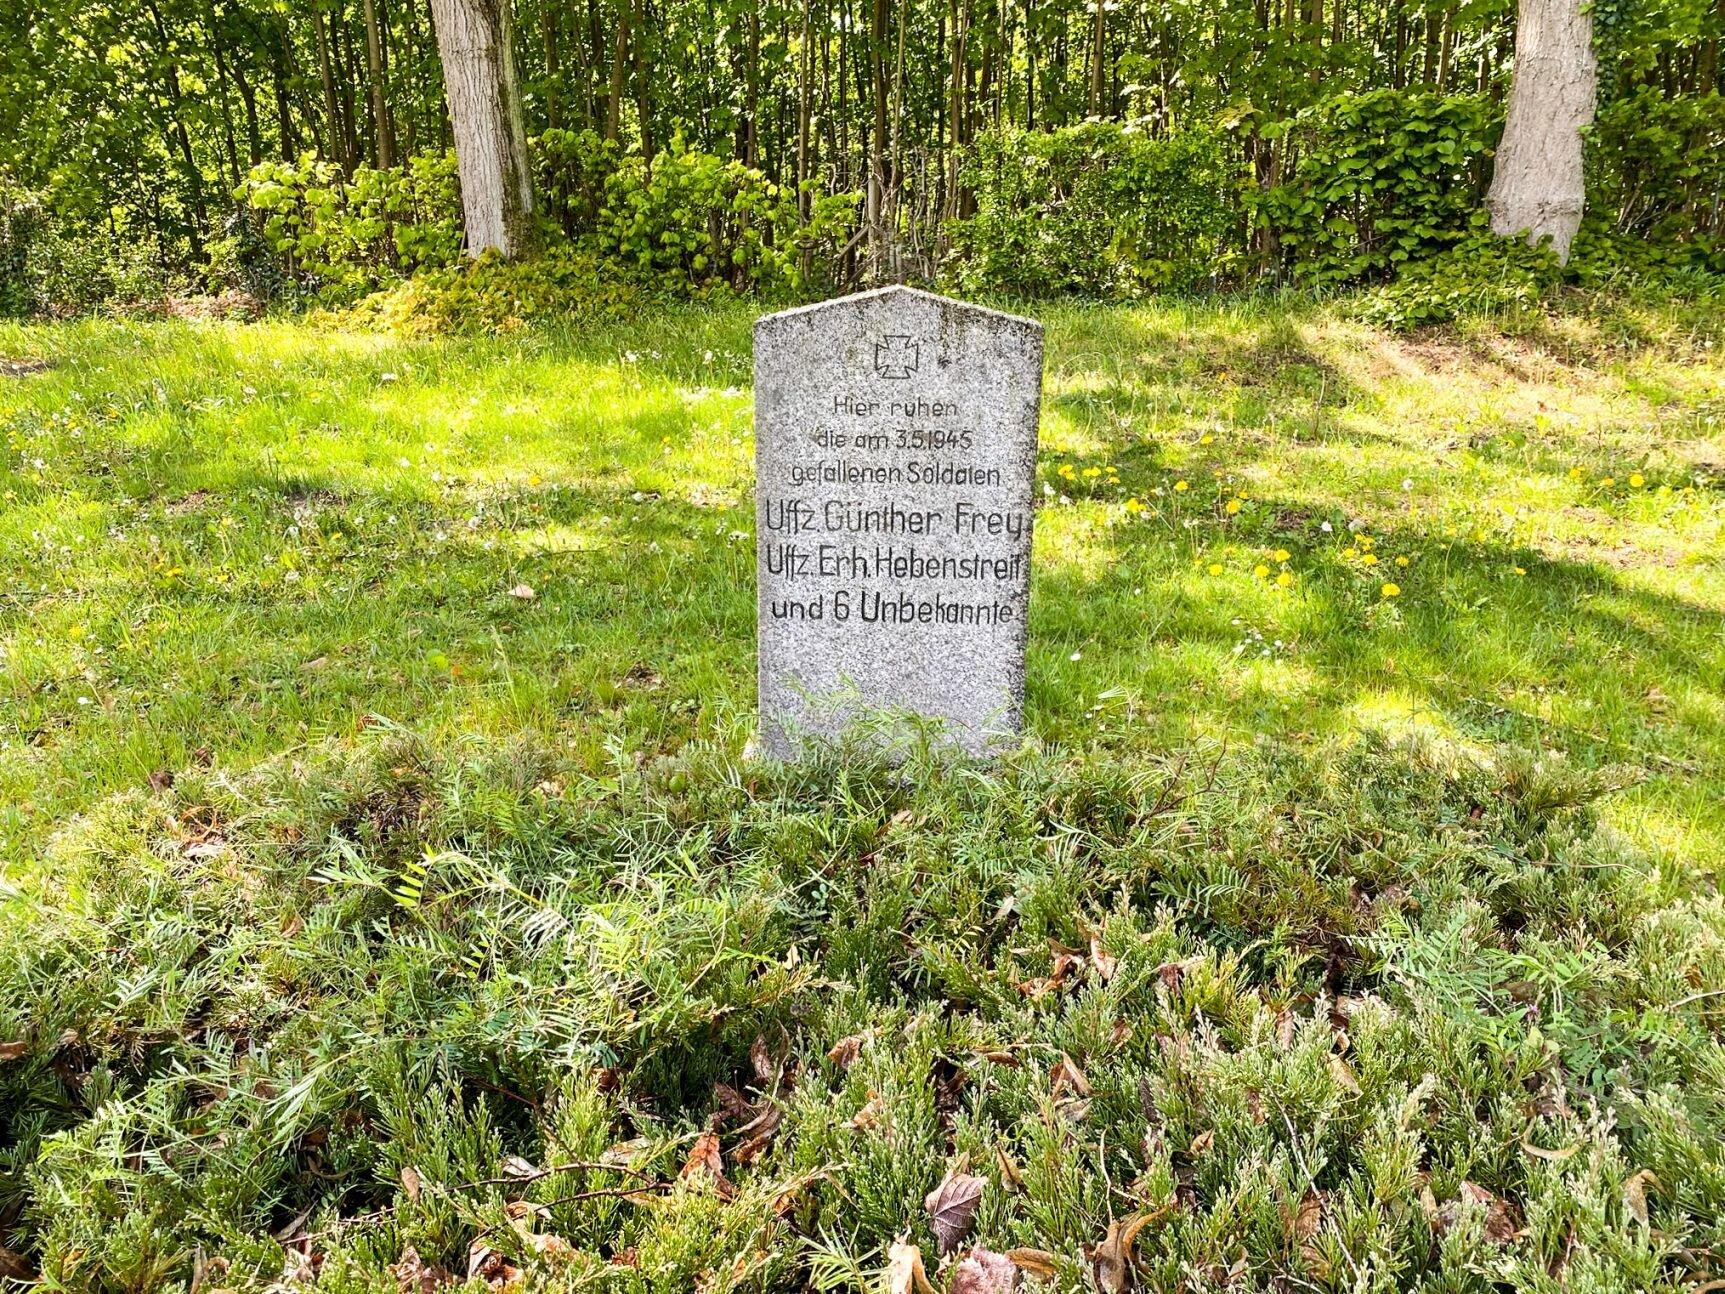 Schönhagen, Friedhof: Ehrengrab für acht im Zwieten Weltkrieg gefallene Soldaten